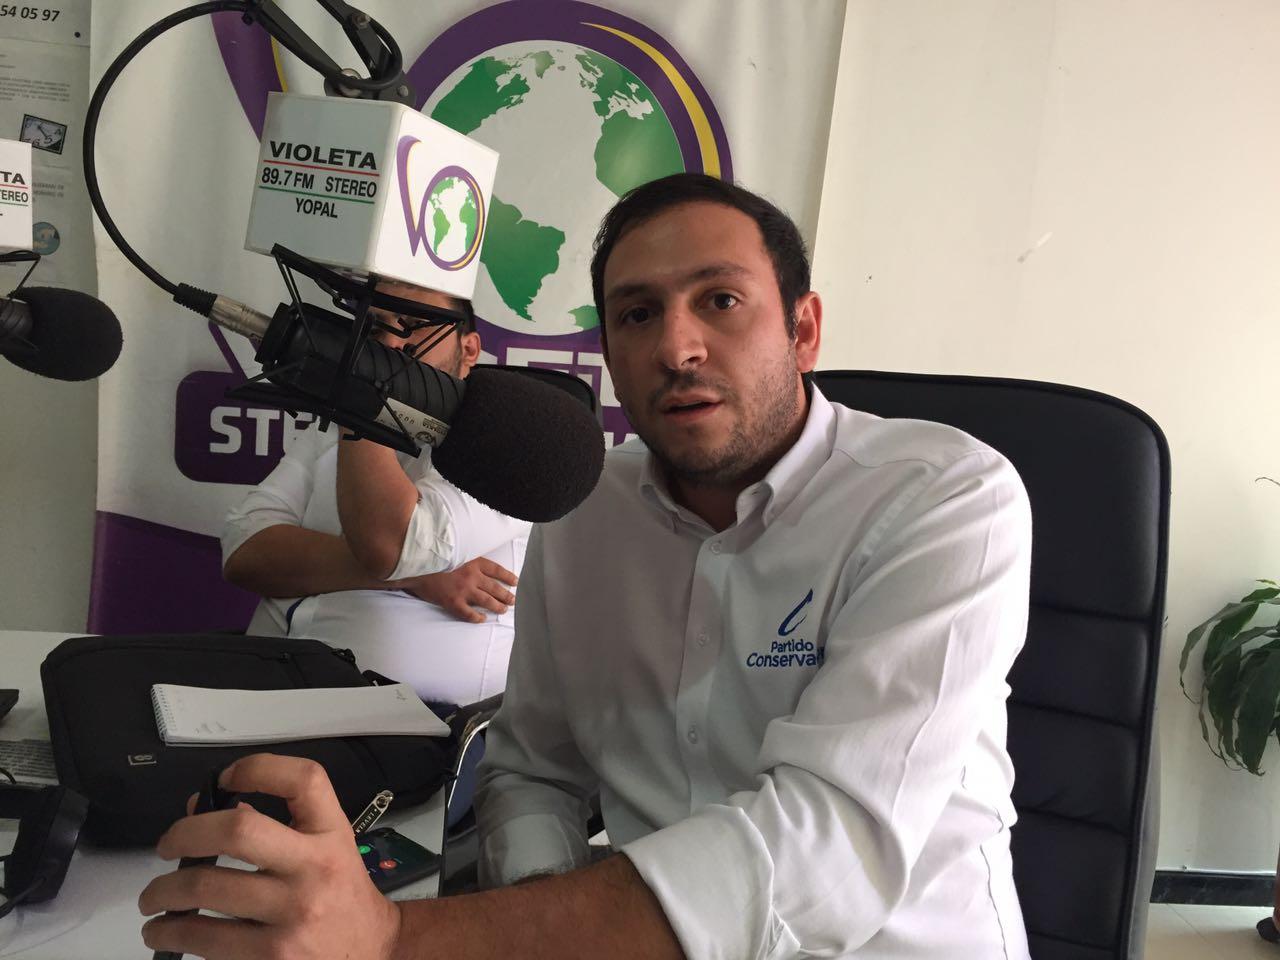 #EnAudio Juan Felipe Corso vicepresidente del partido Conservador habla de fortalecimiento del partido en Casanare